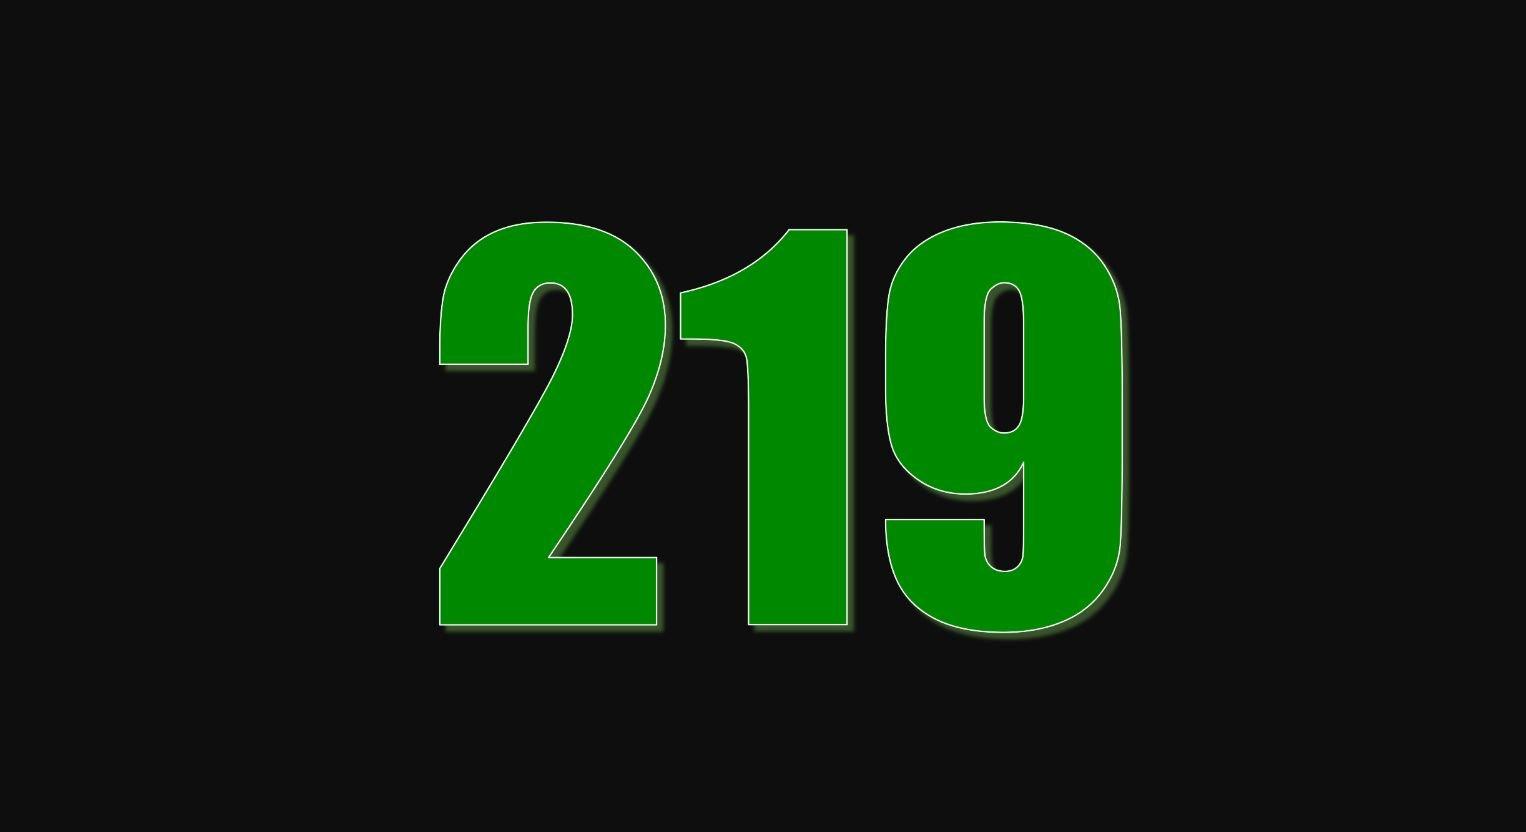 Il significato del numero 219